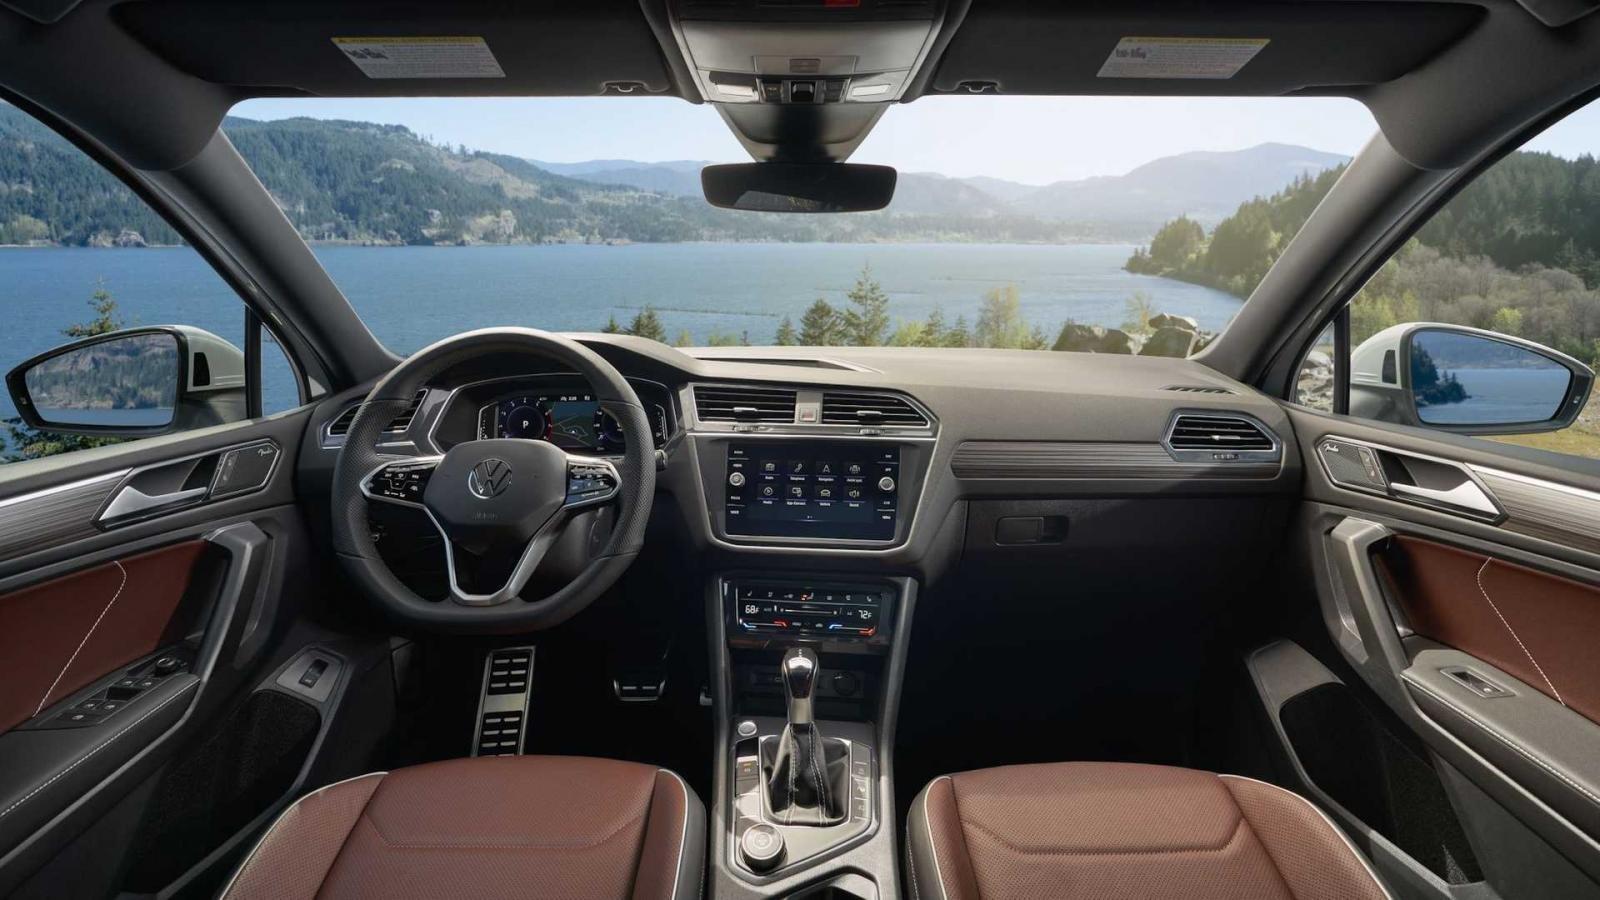 Volkswagen Tiguan 2022 mới bổ sung thêm nhiều tính năng, công nghệ tiêu chuẩn.